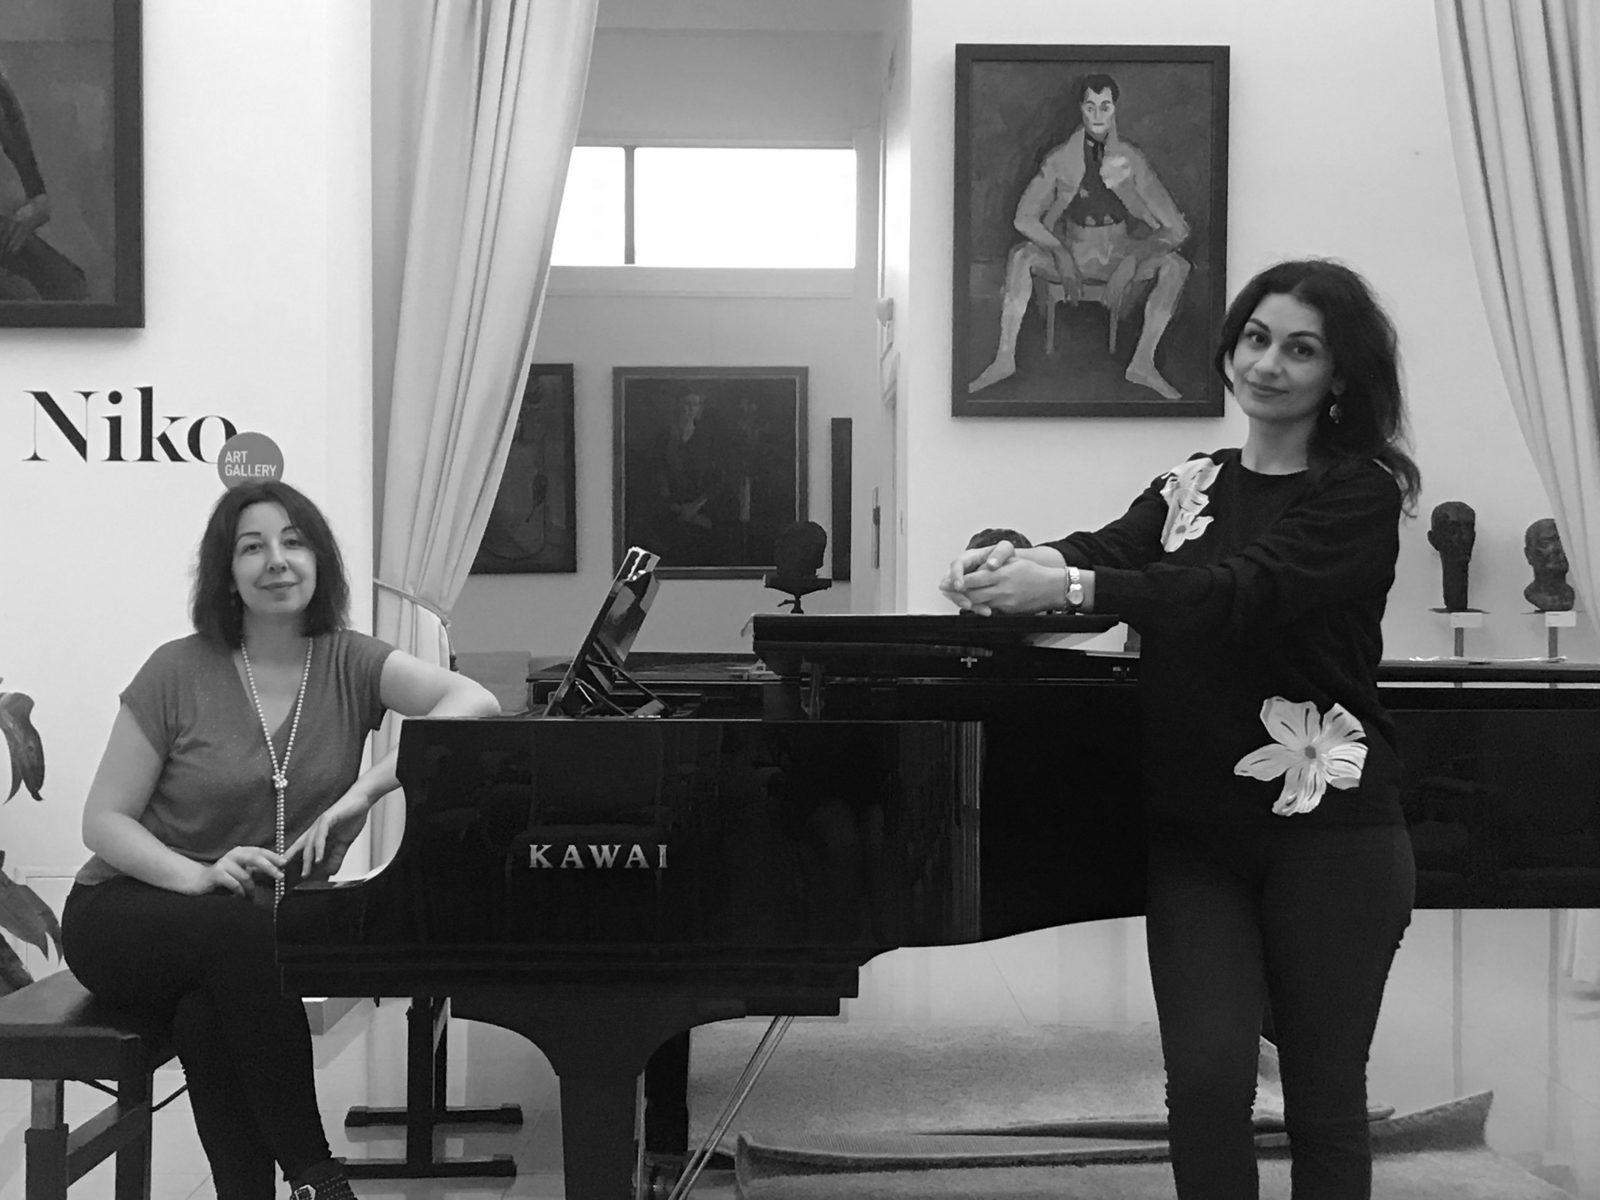 Концерт «Музыка камня» в галерее искусств НИКО – события на сайте «Московские Сезоны»